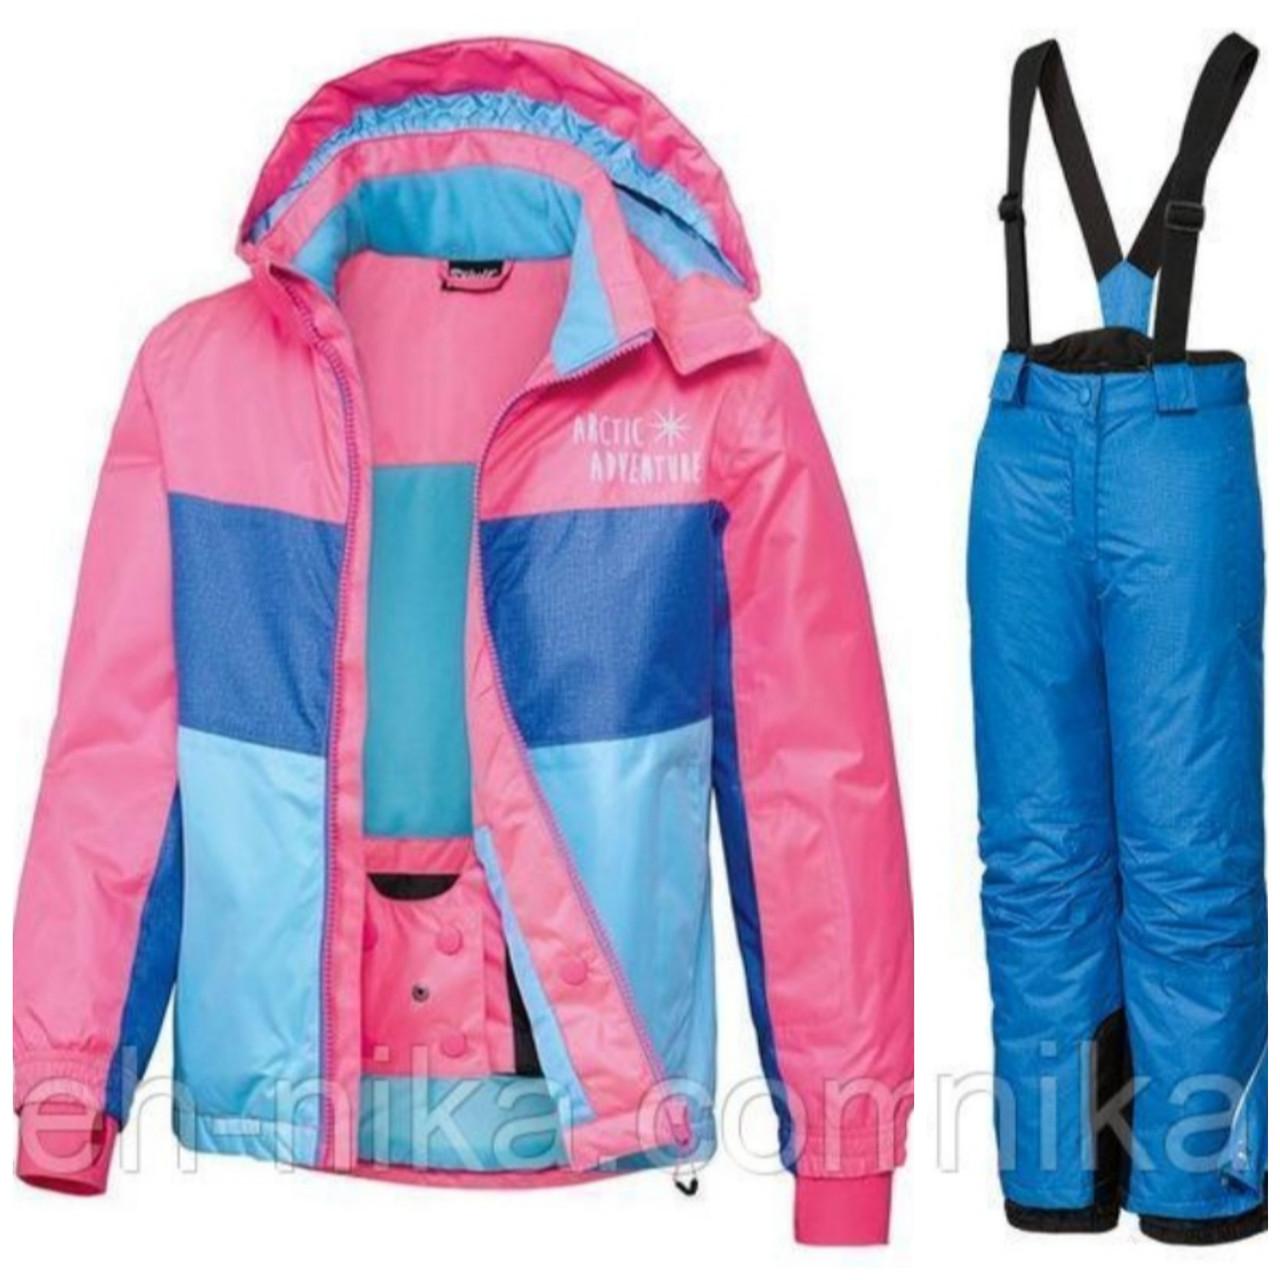 Лыжный костюм для девочки (разноцветная куртка и синие штаны меланж) Crivit р. 158/164см